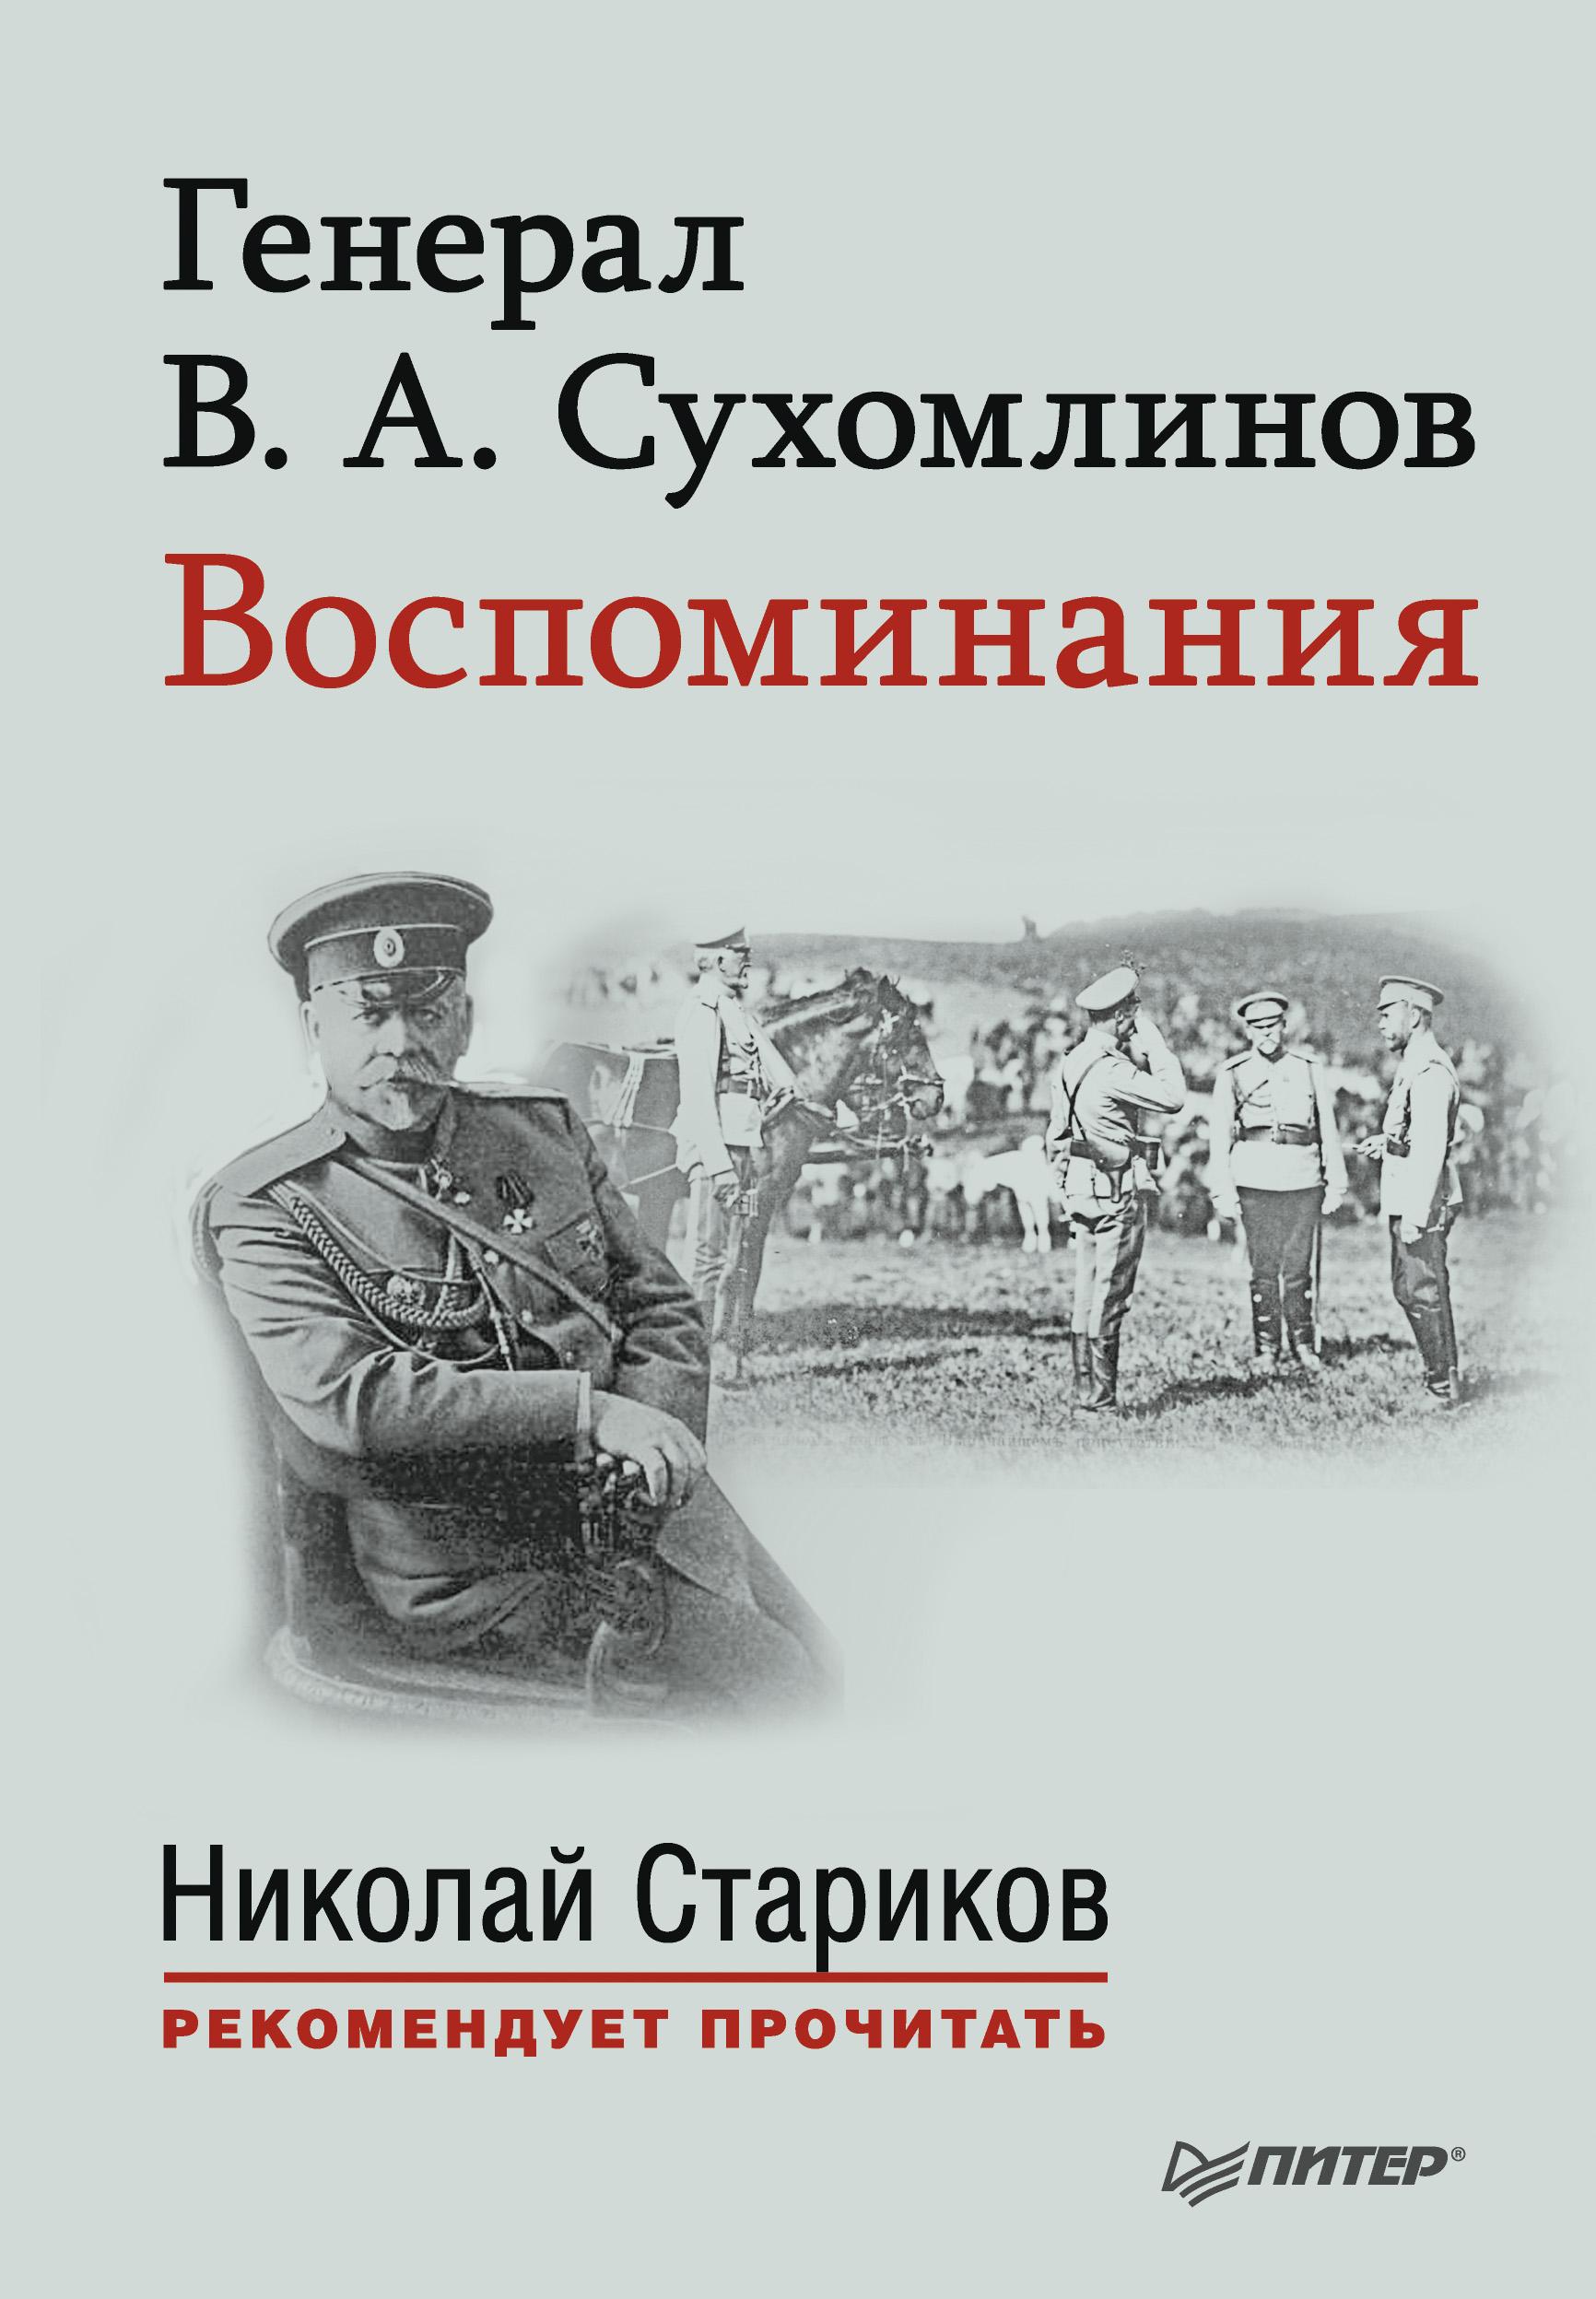 В. А. Сухомлинов Генерал В. А. Сухомлинов. Воспоминания 7 35 воспоминания о тюрьме и ссылке